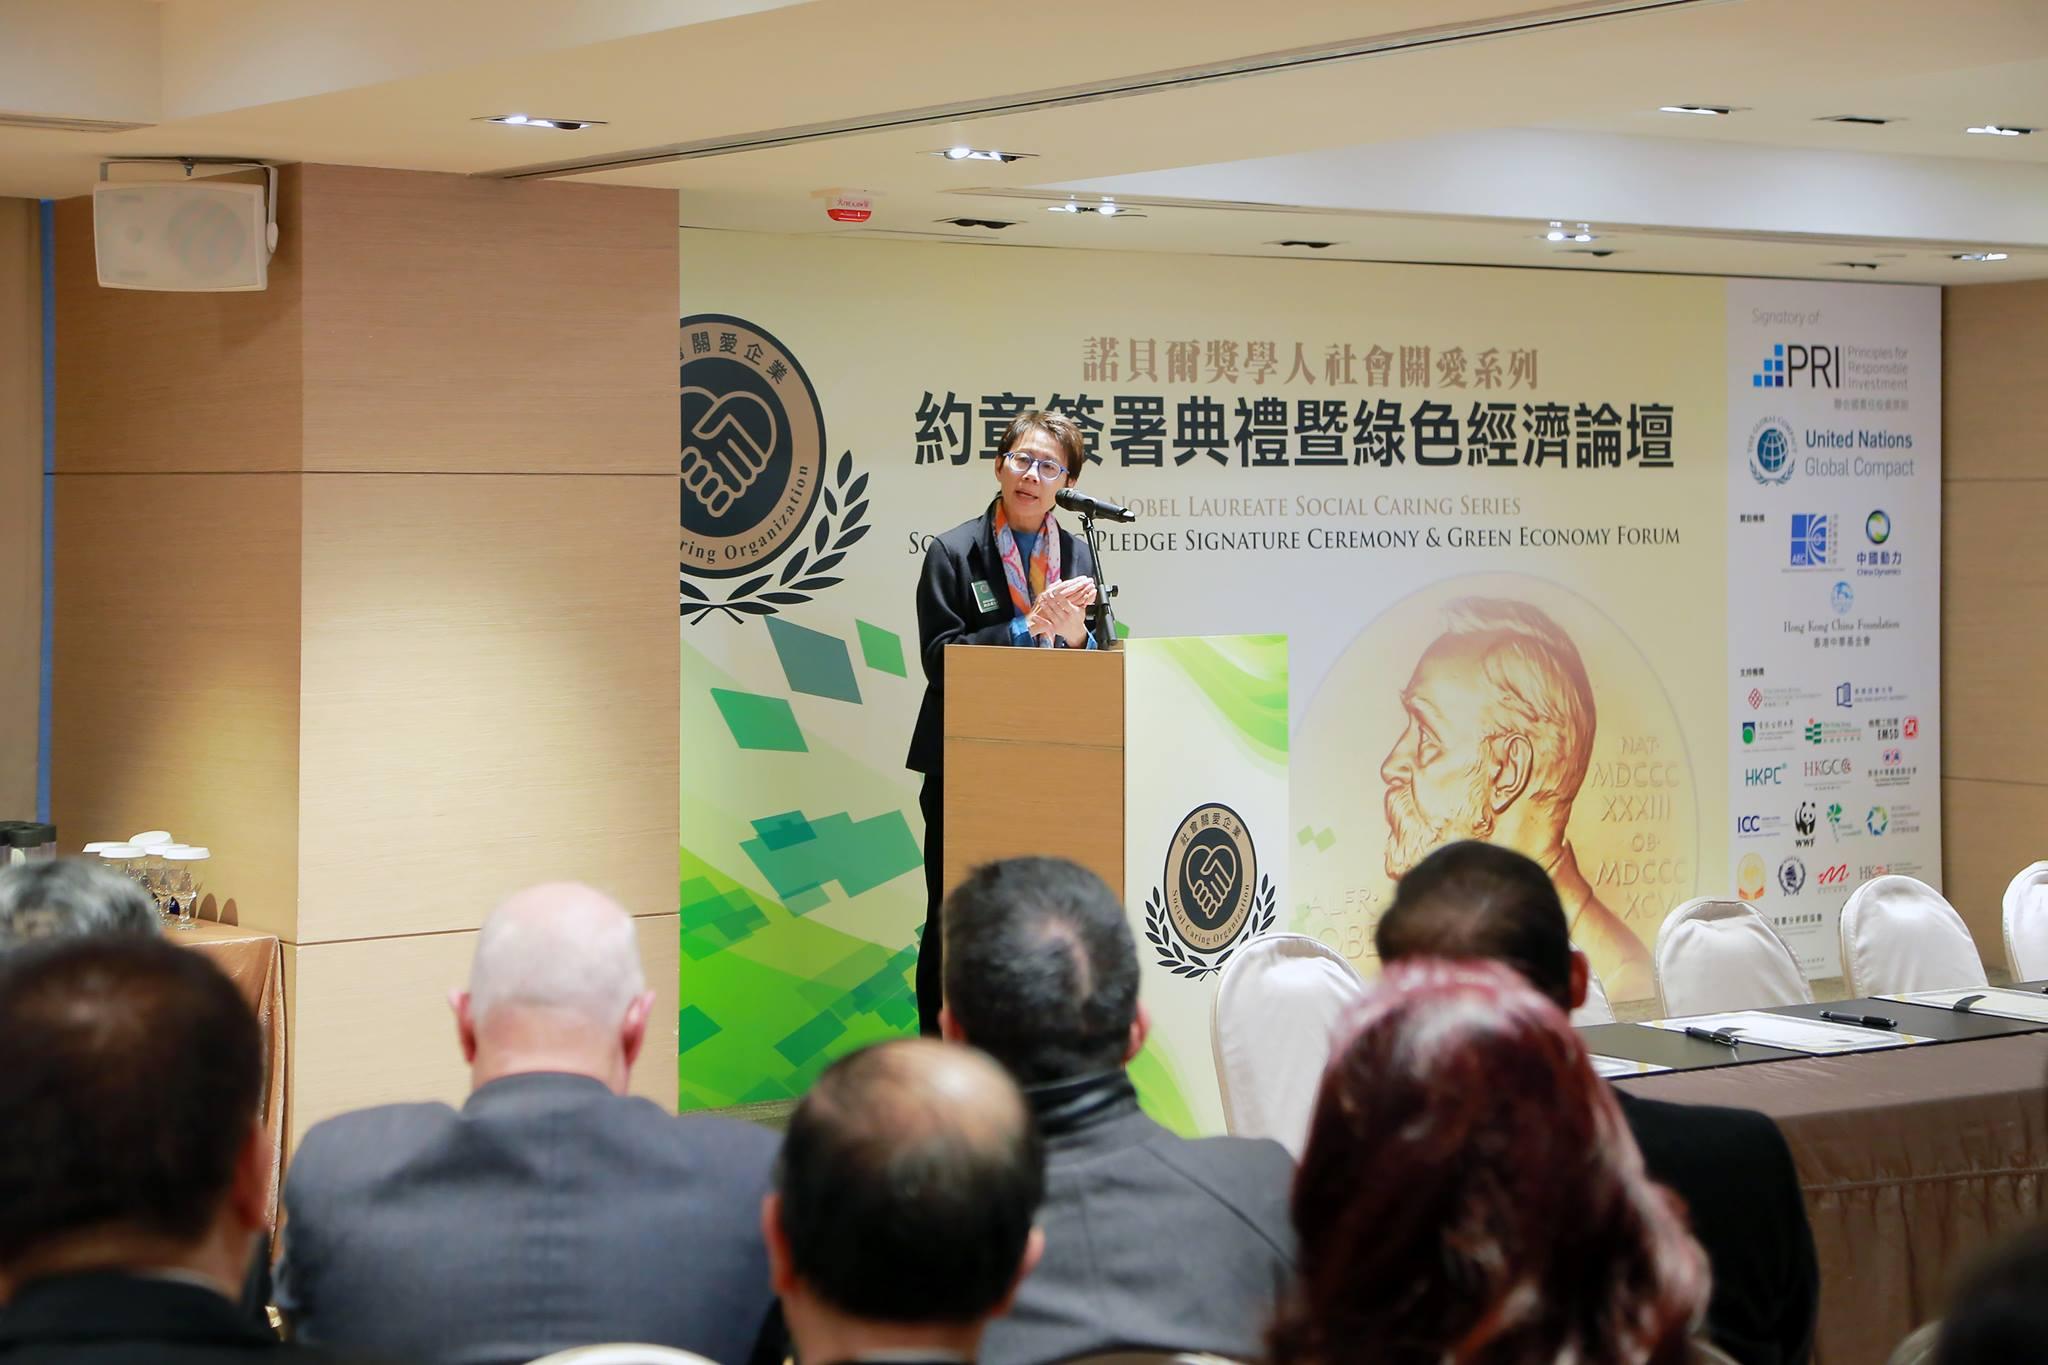 Green Economy Forum 41